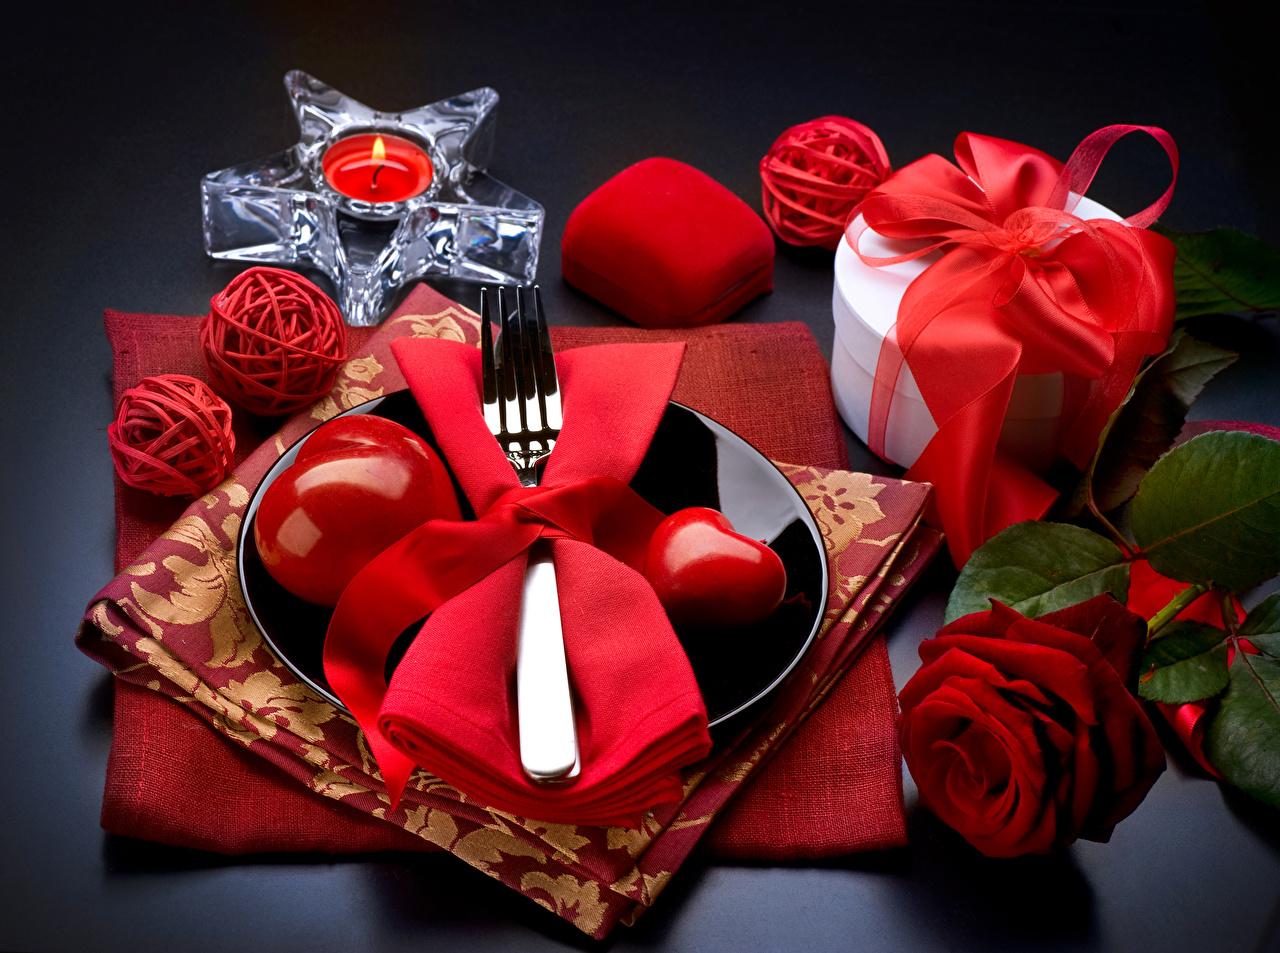 Картинки День всех влюблённых серце роза Красный подарок Свечи Тарелка День святого Валентина Сердце сердца сердечко Розы красная красные красных Подарки подарков тарелке